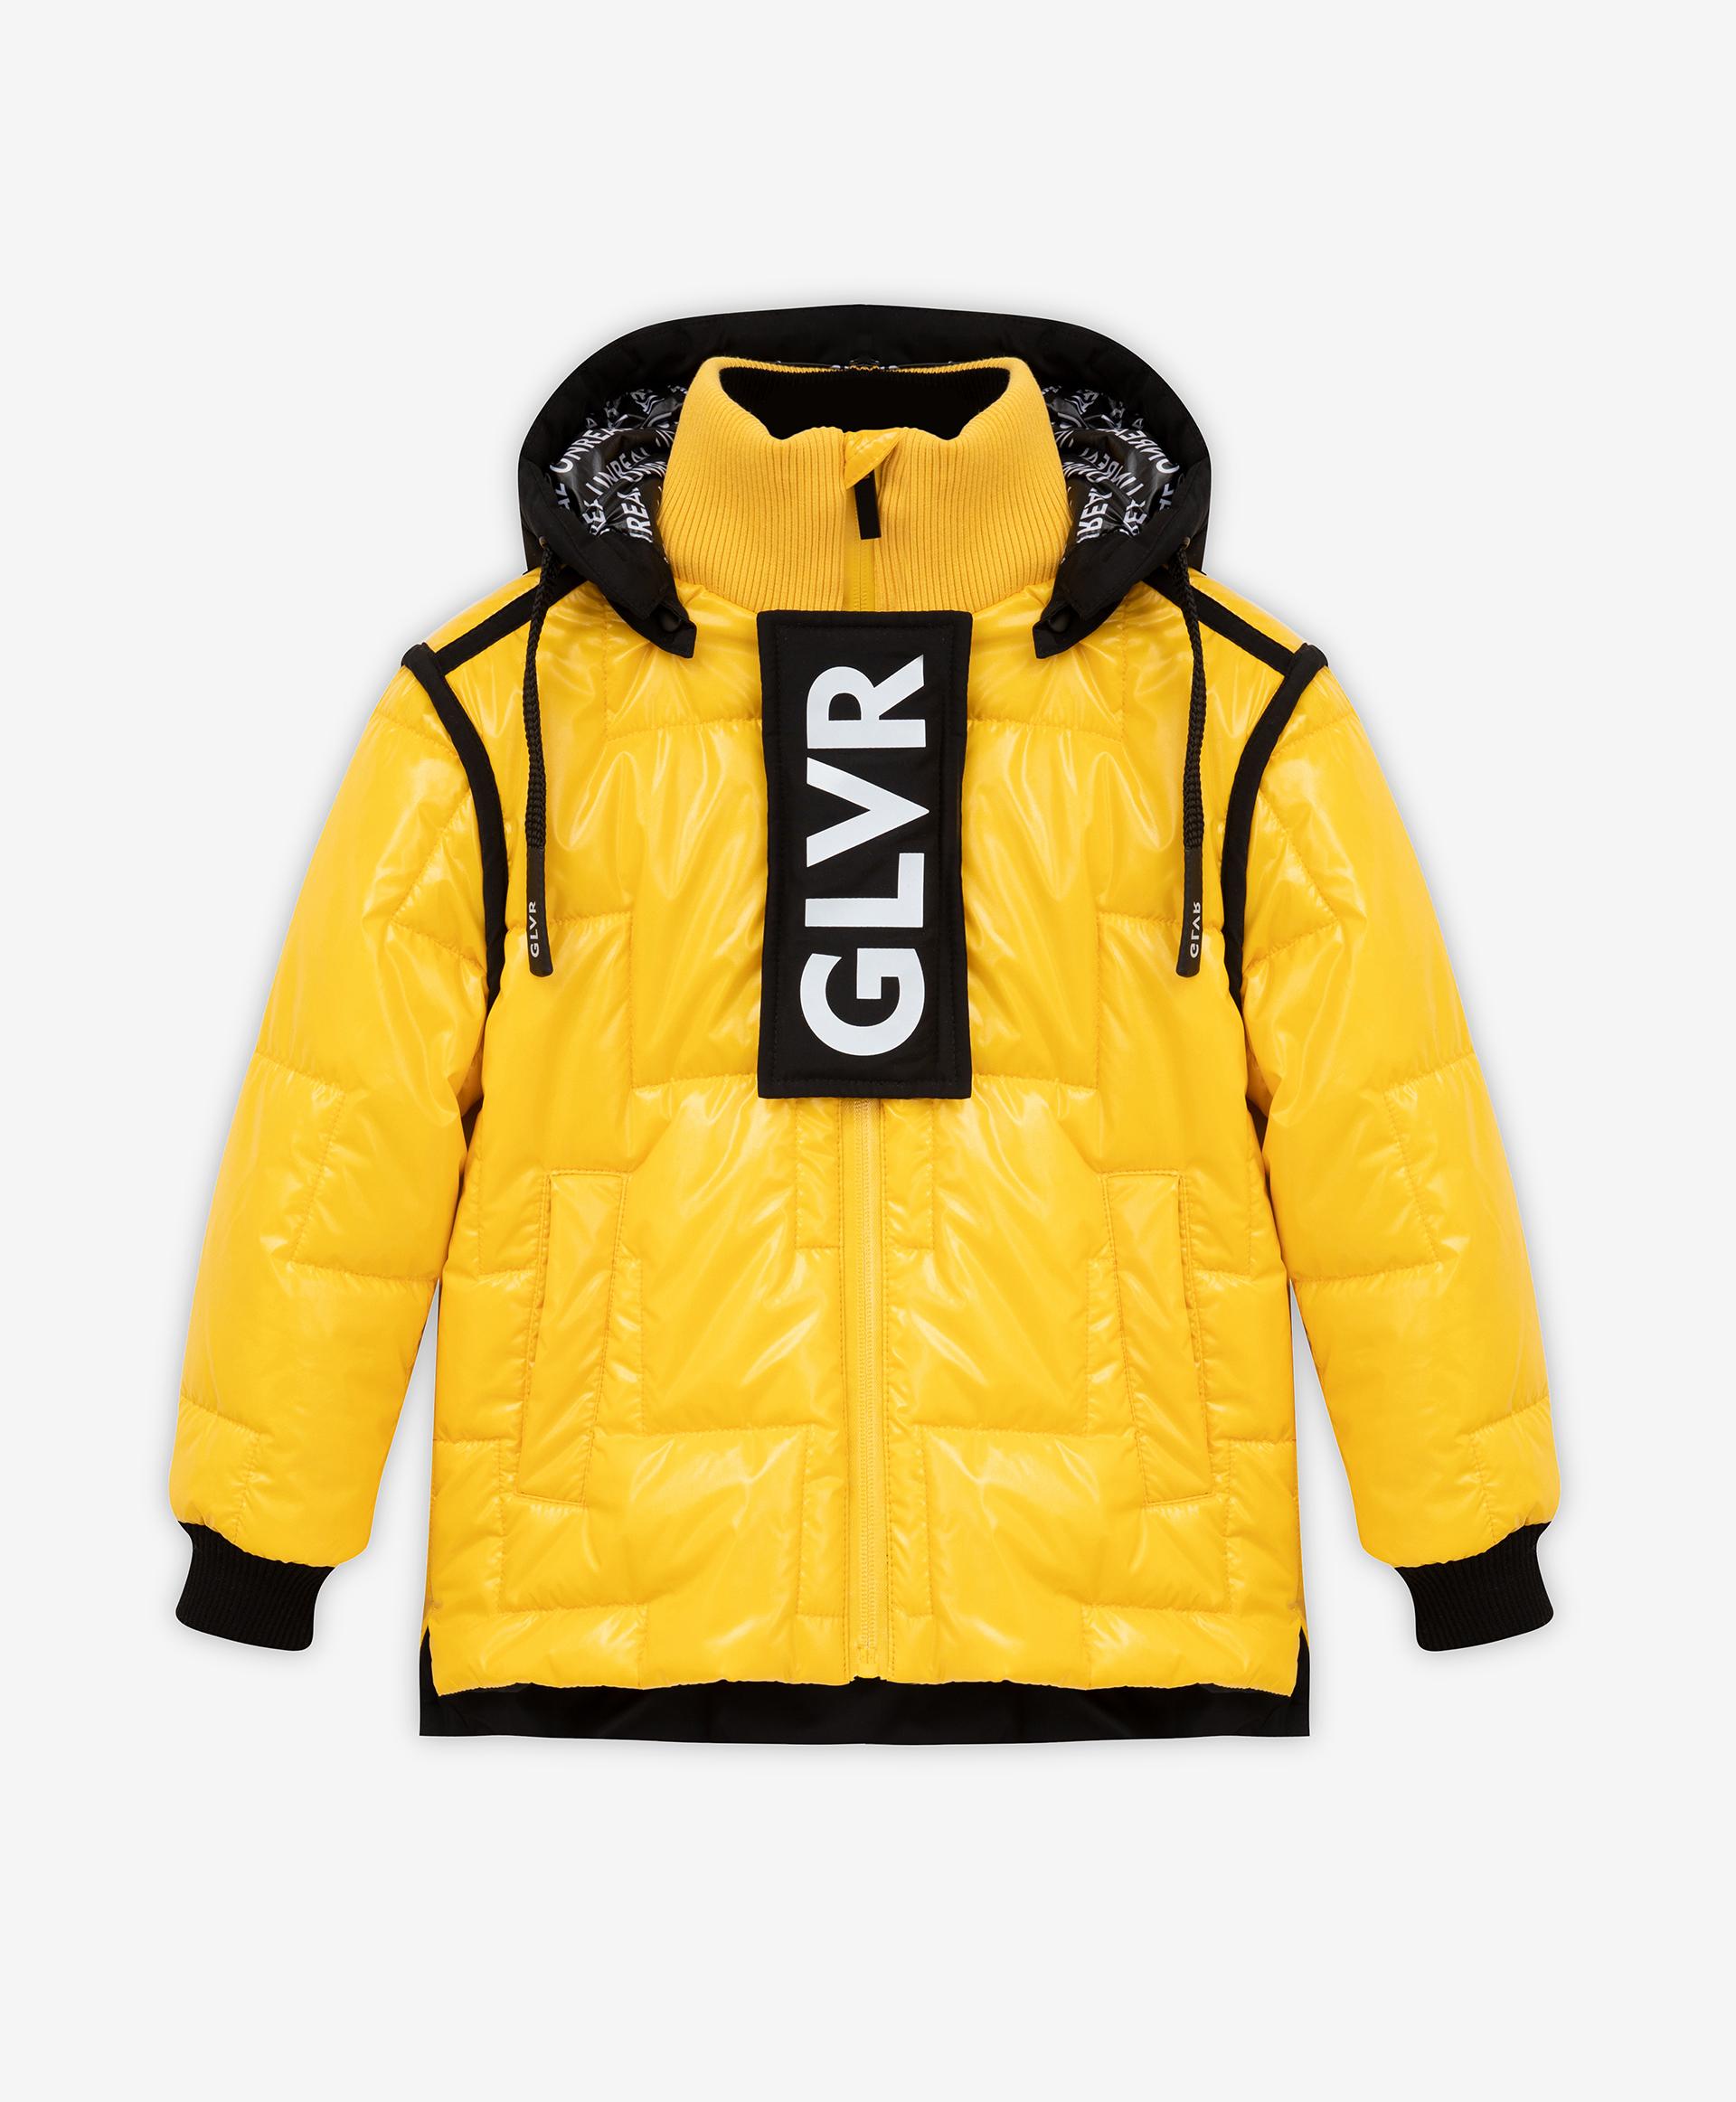 Купить 22105BMC4102, Куртка утепленная желтая Gulliver, желтый, 128, Полиамид, Мужской, Демисезон, ОСЕНЬ/ЗИМА 2021-2022 (shop: GulliverMarket Gulliver Market)